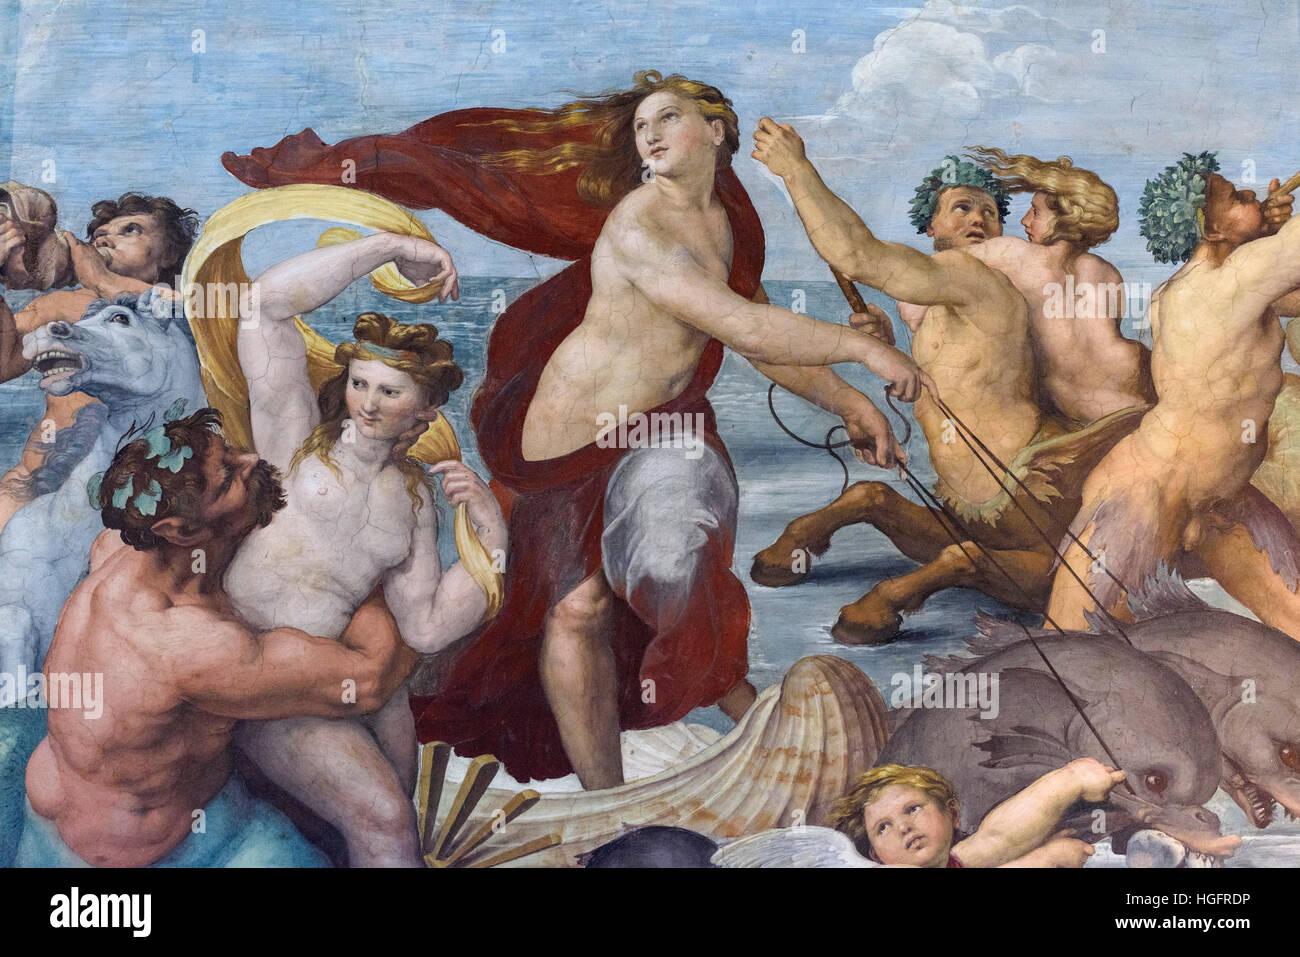 Roma. L'Italia. Villa Farnesina. Trionfo di Galatea (dettaglio), 1512, affresco di Raffaello nella Loggia di Immagini Stock